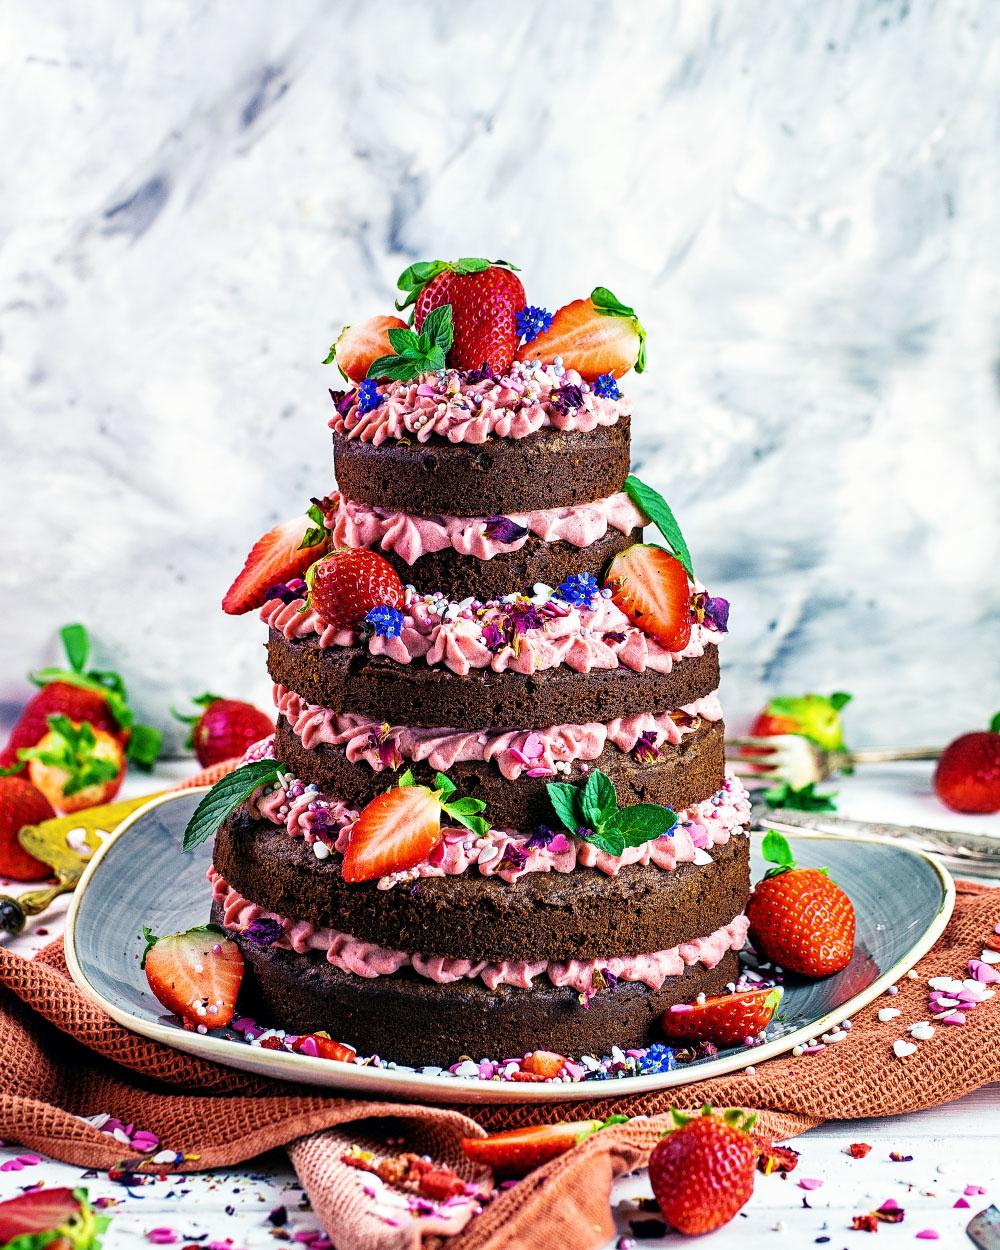 Erdbeer-Schokoladen-Naked-Cake-Torte einfaches Rezept für eindrucksvollen Geburtstagskuchen